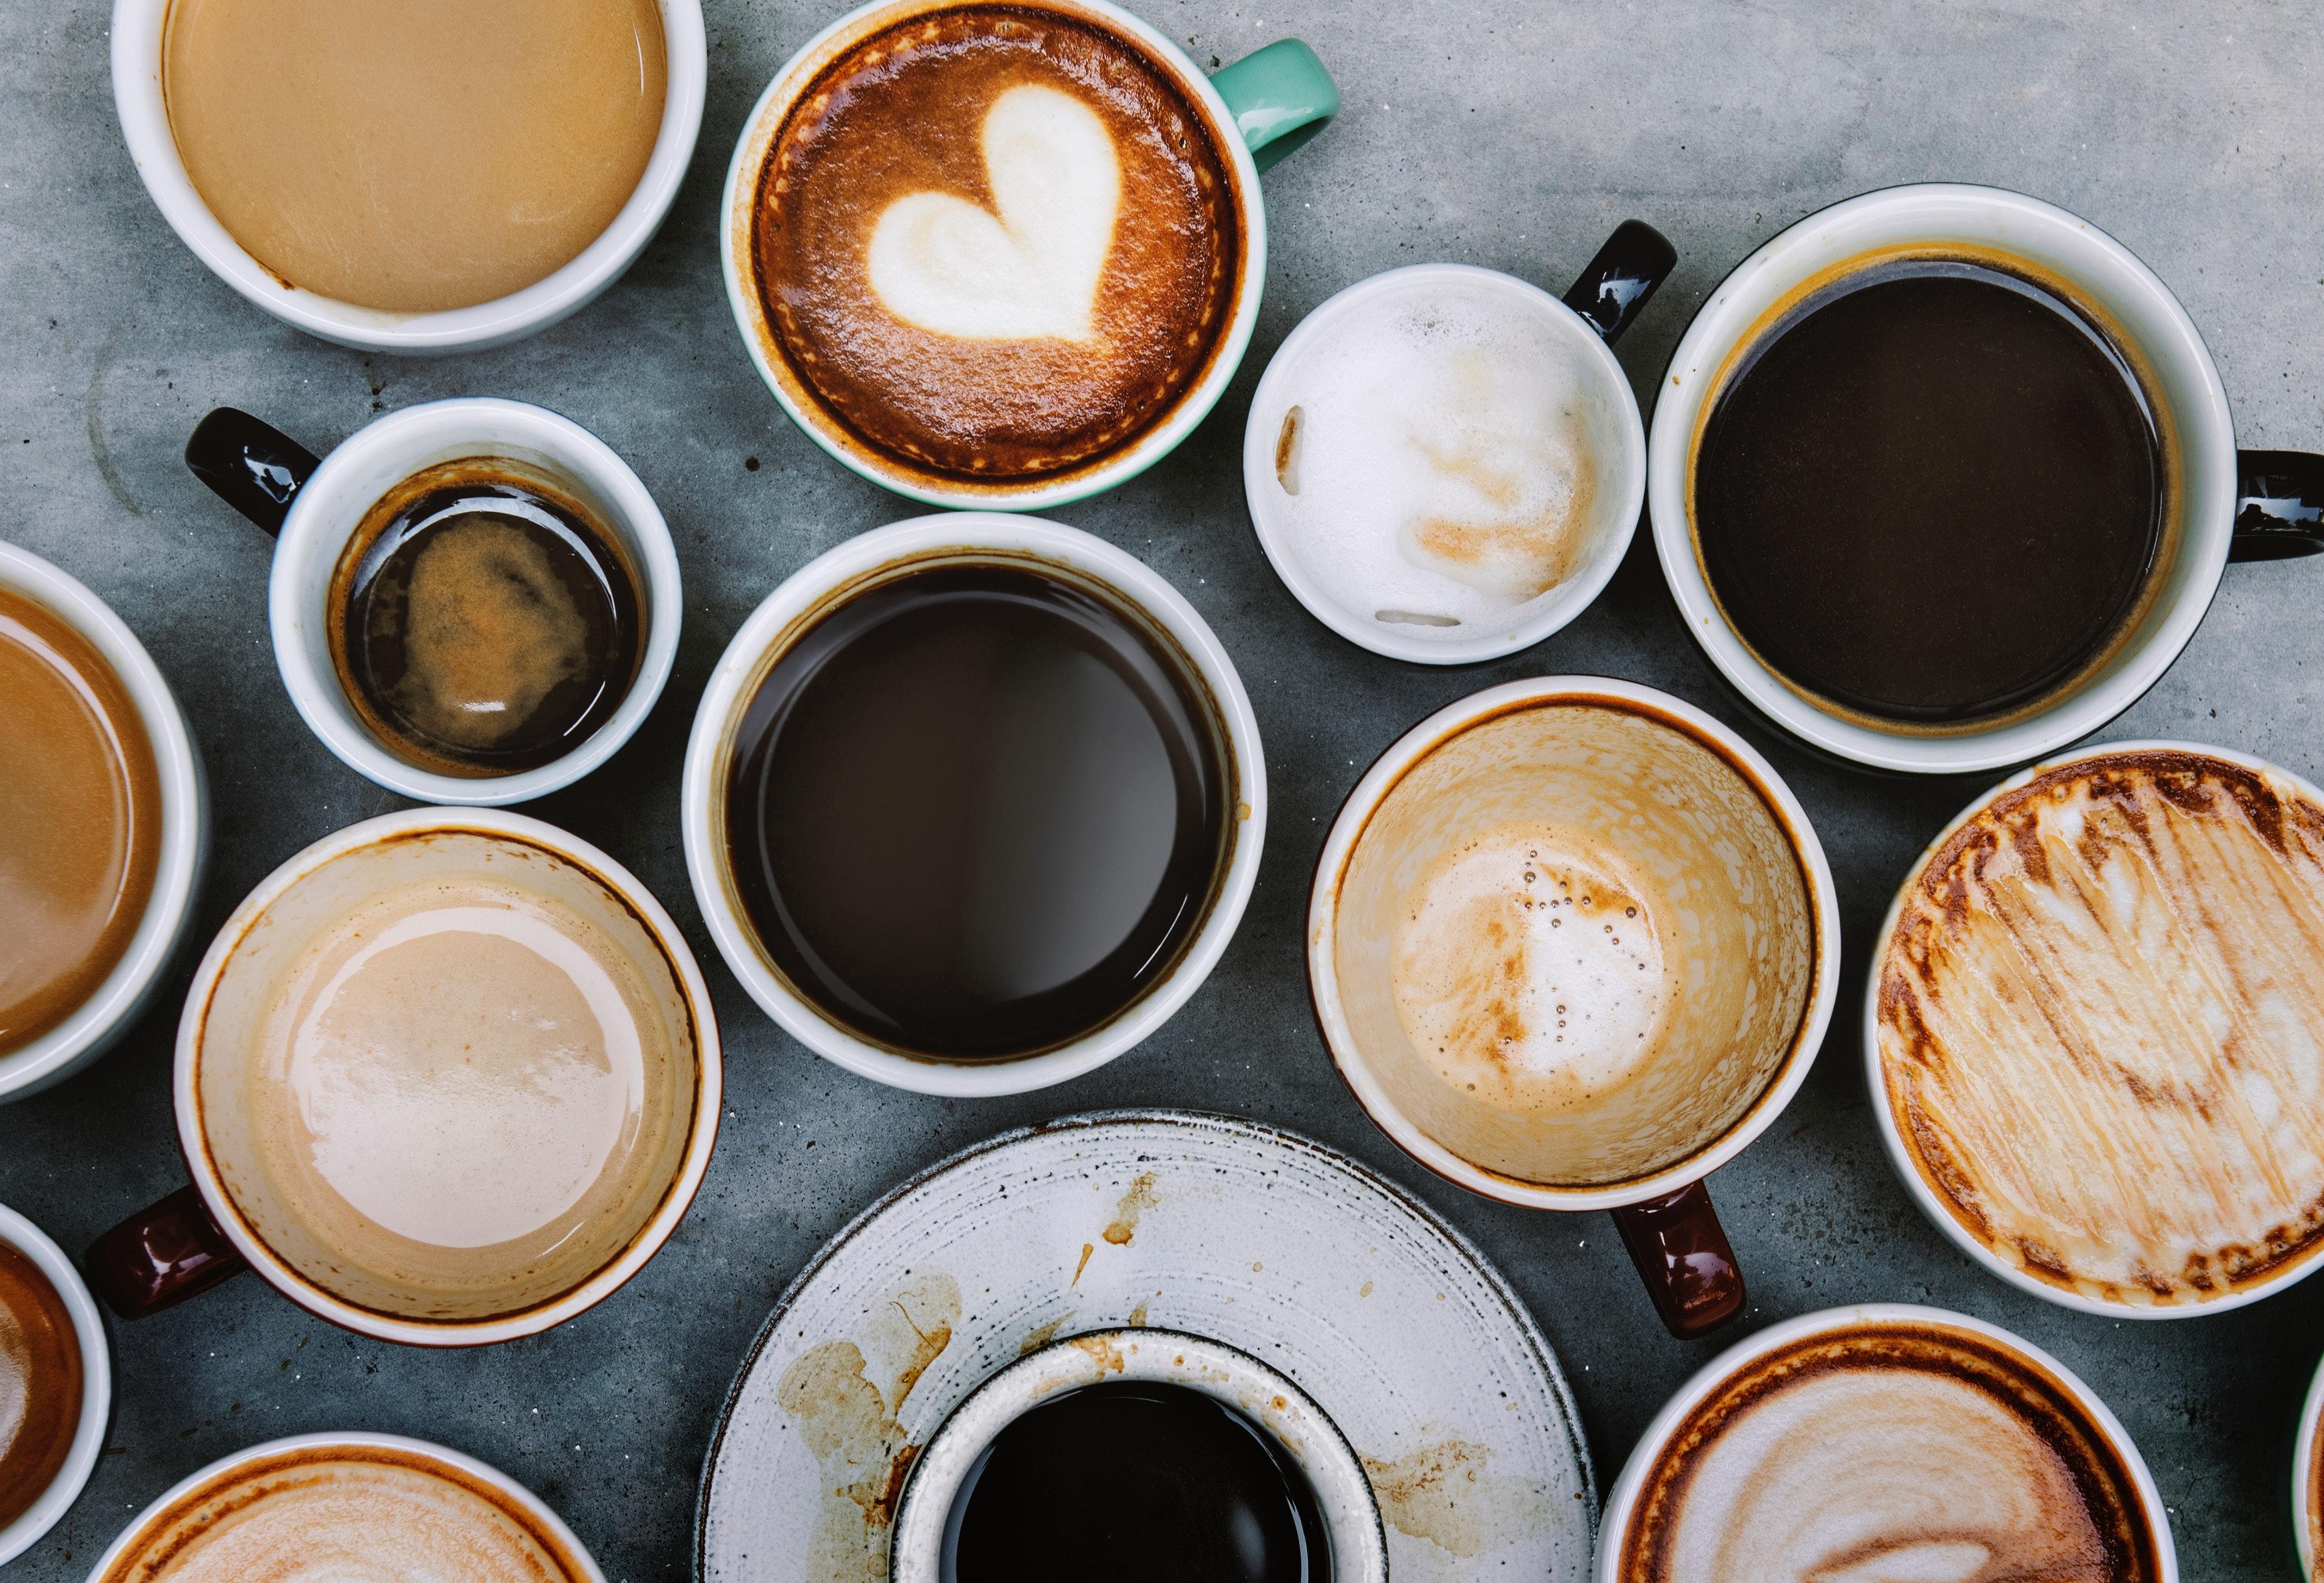 Café Noisette C Est Quoi cafe bon ou mauvais pour la santé ? - vivaveg par wendy g.